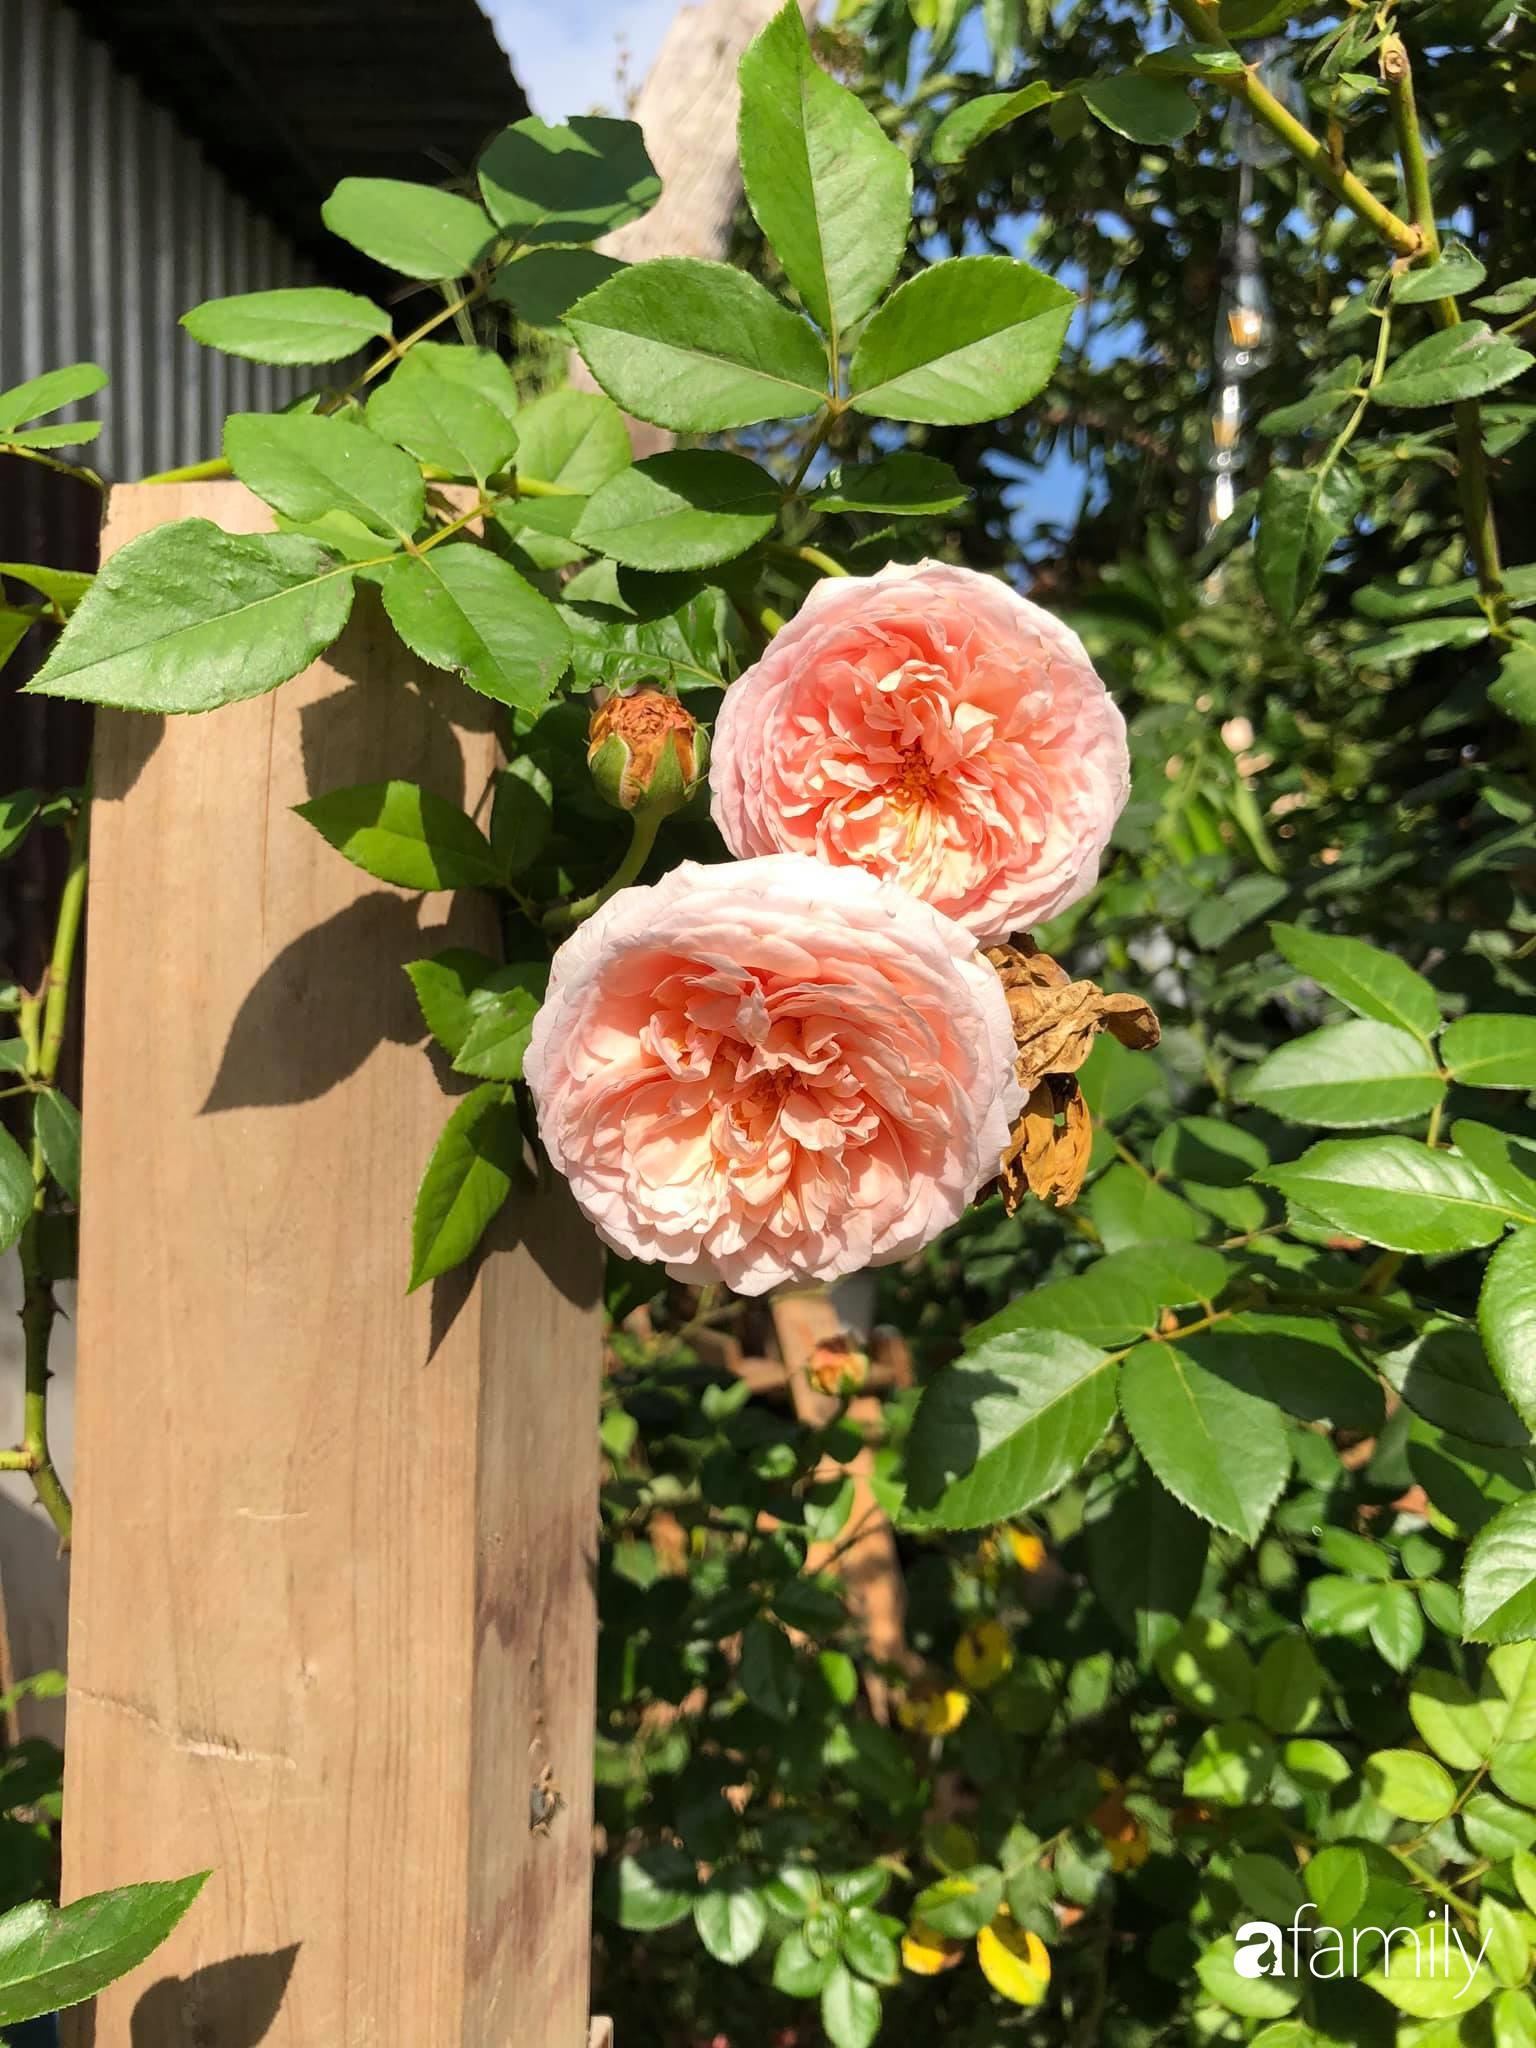 Khu vườn hoa hồng đẹp như cổ tích mà người chồng ngày đêm chăm sóc để tặng vợ con ở Vũng Tàu-33